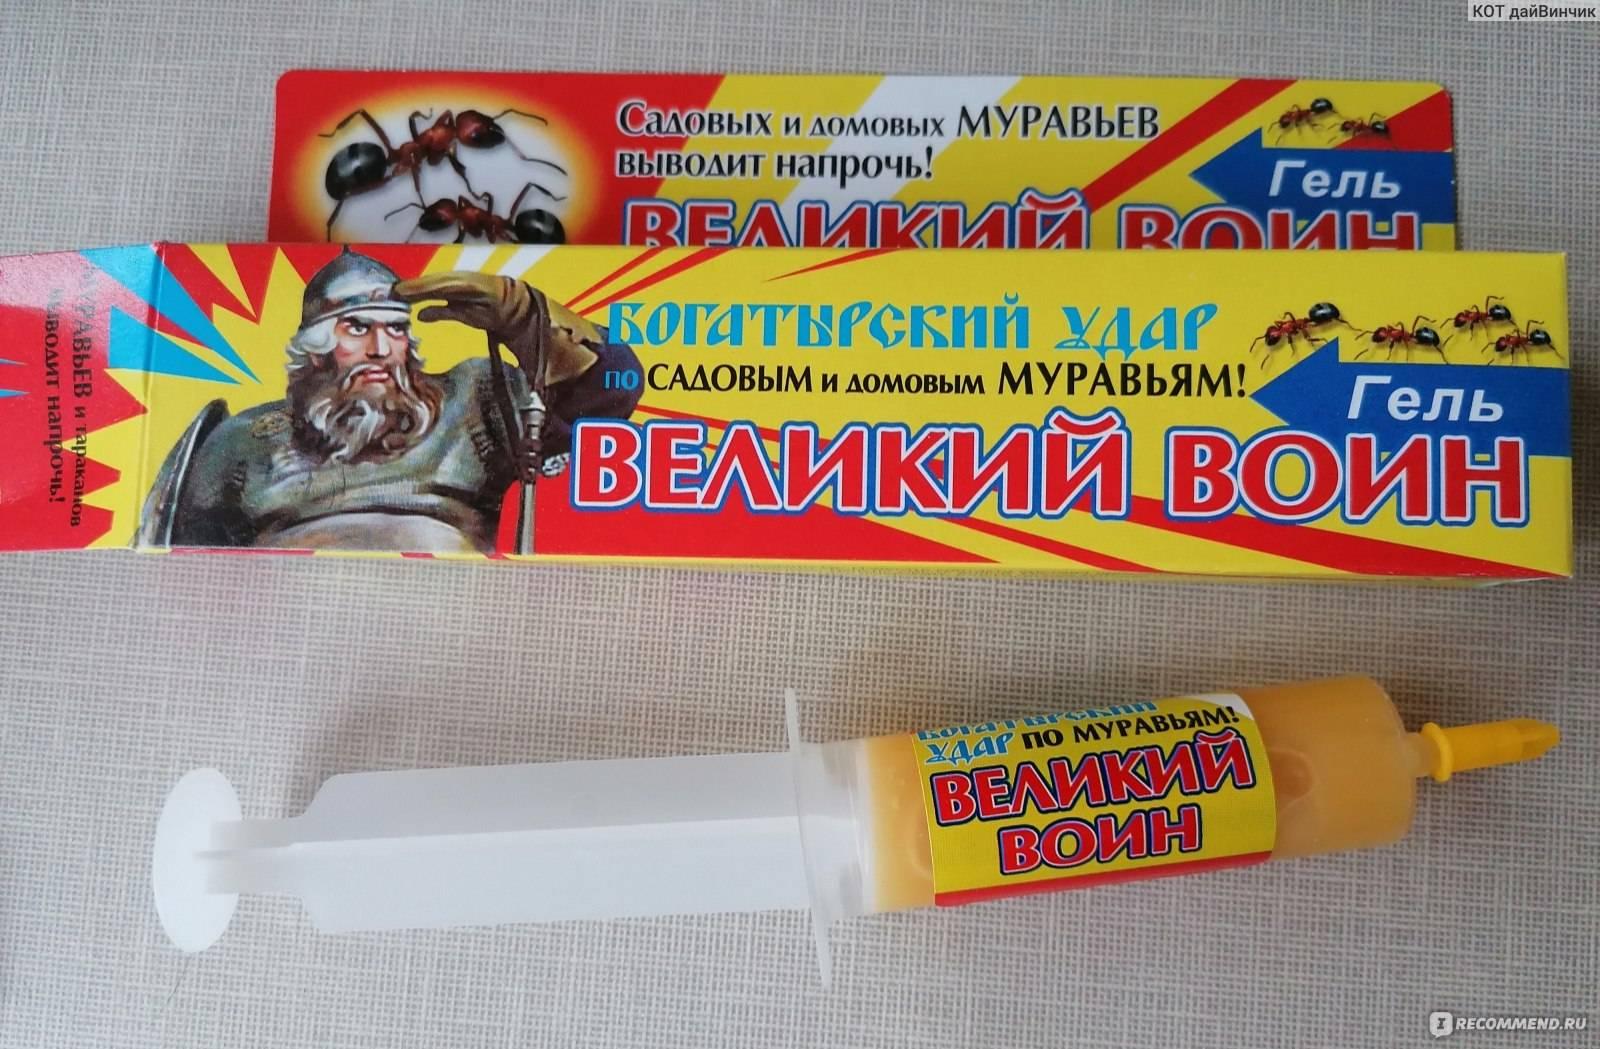 Гель от тараканов великий воин: инструкция по применению